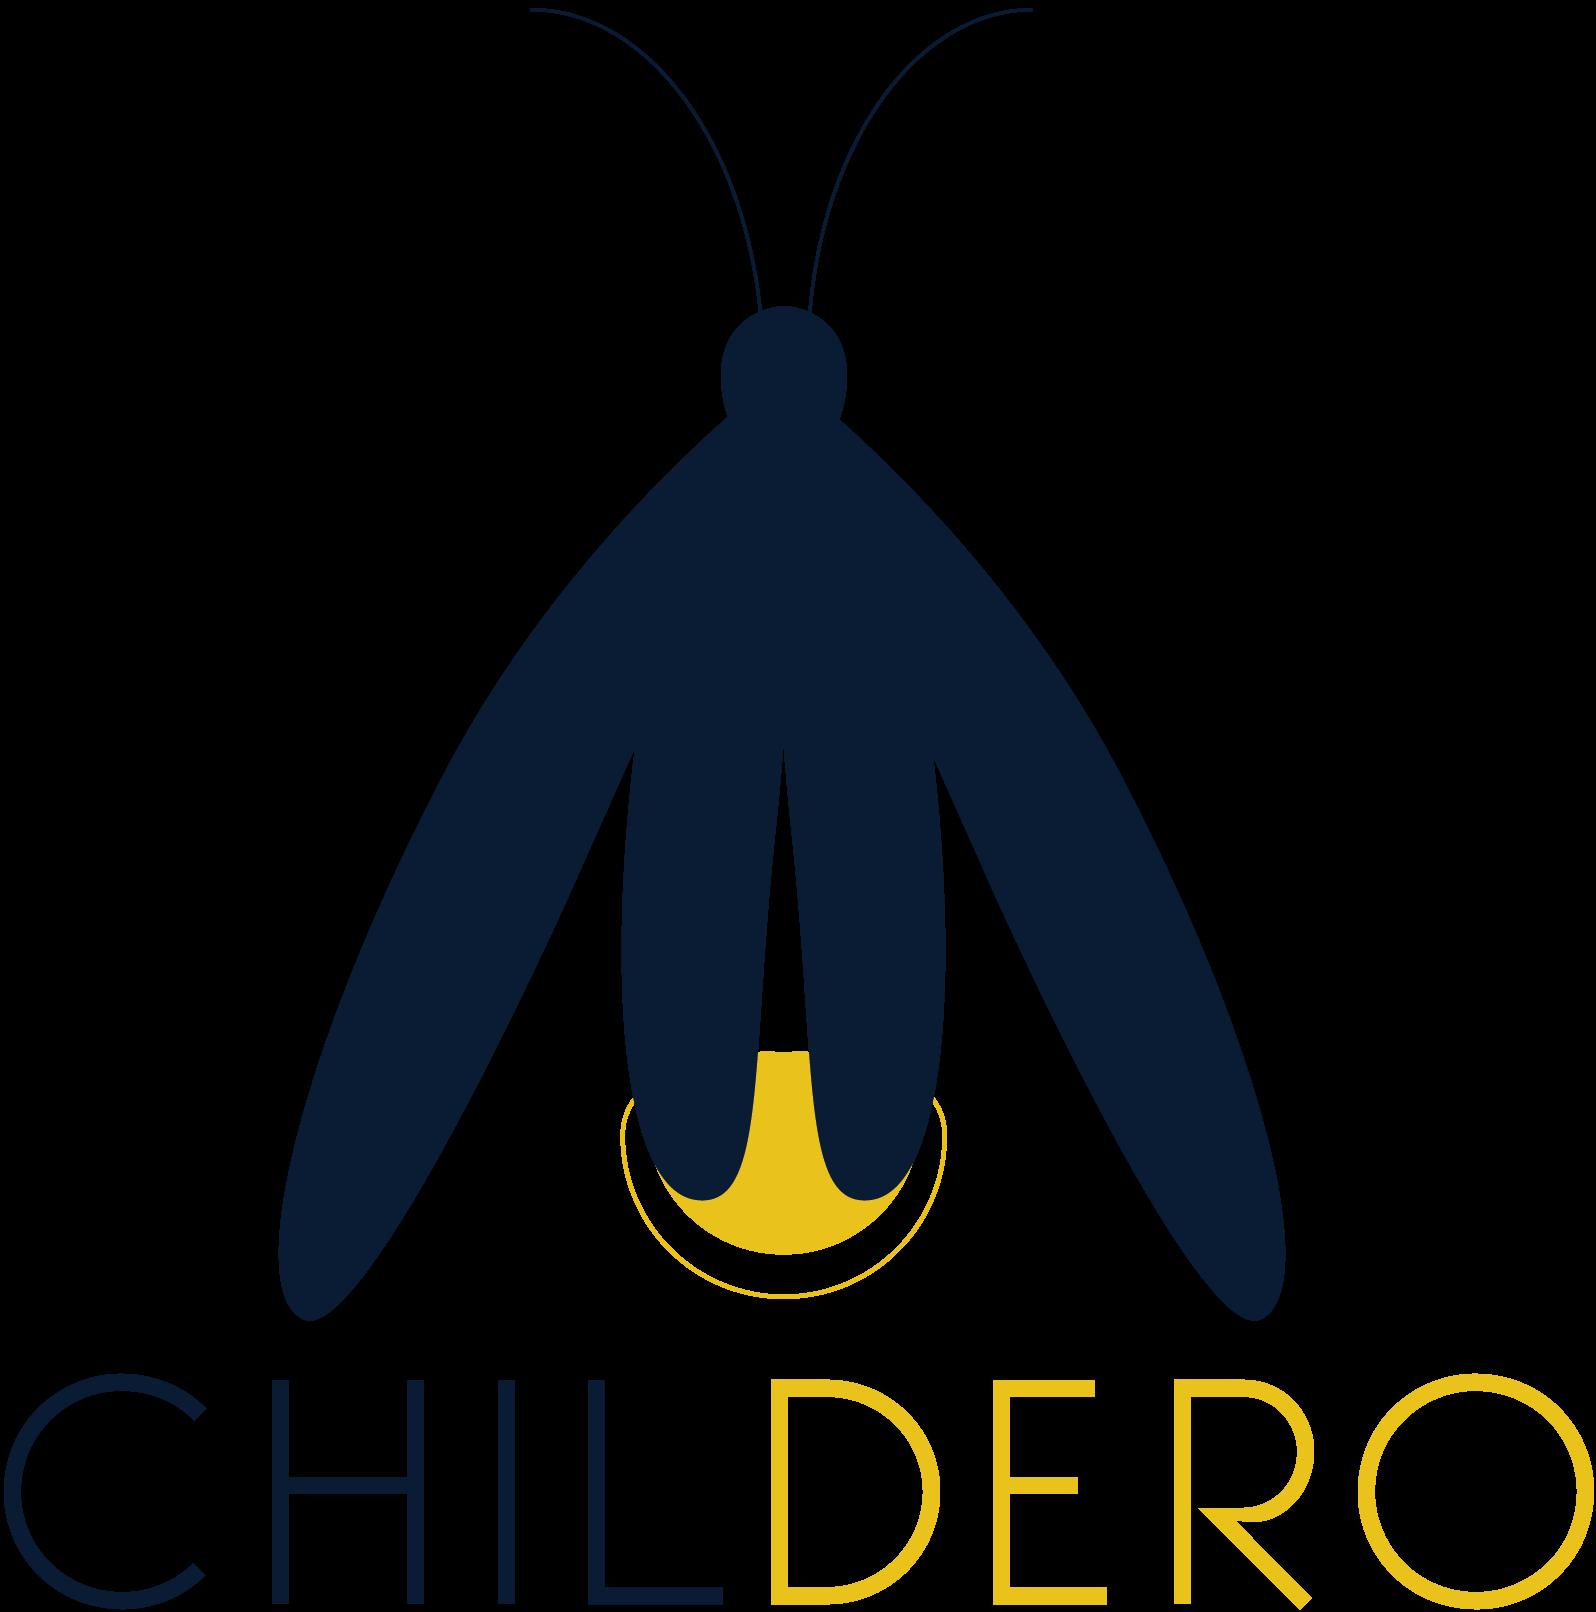 Childero